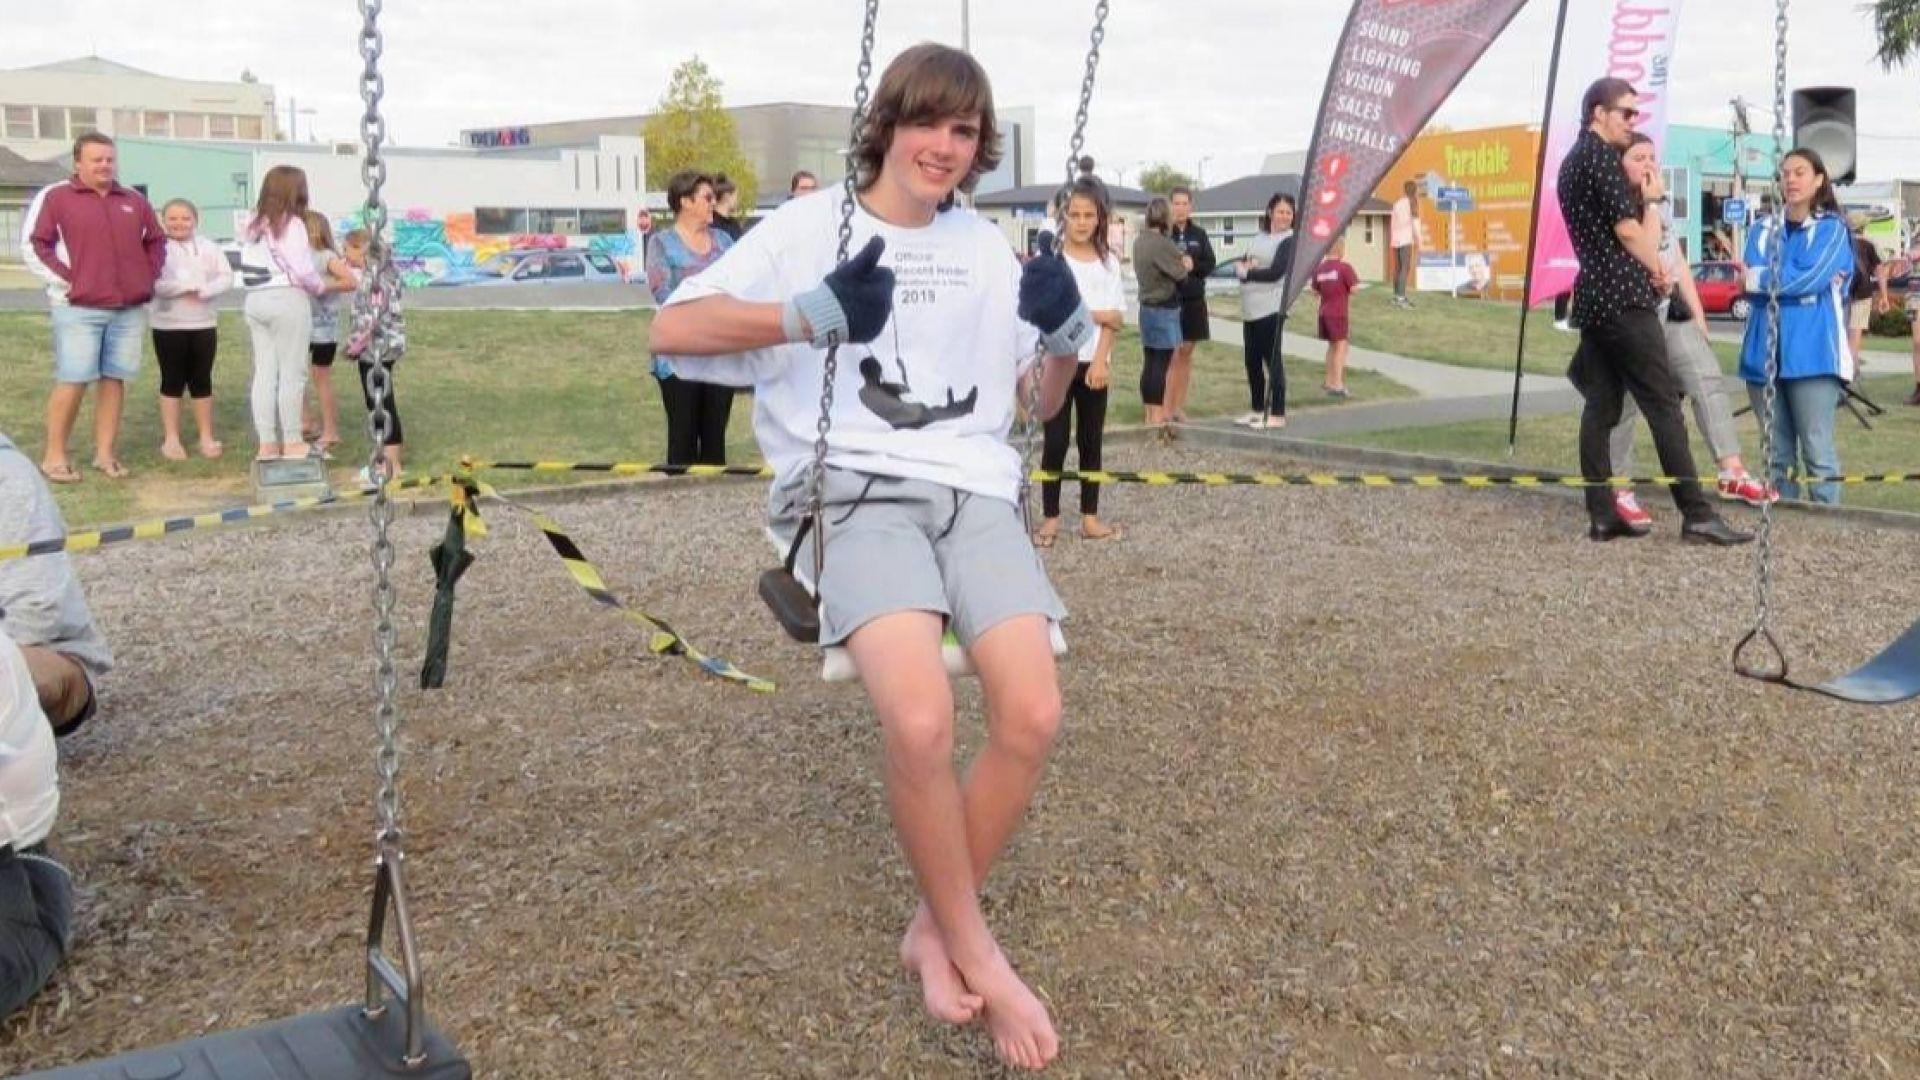 16-годишен новозеландец подобри световния рекорд по люлеене на люлка. Чарли